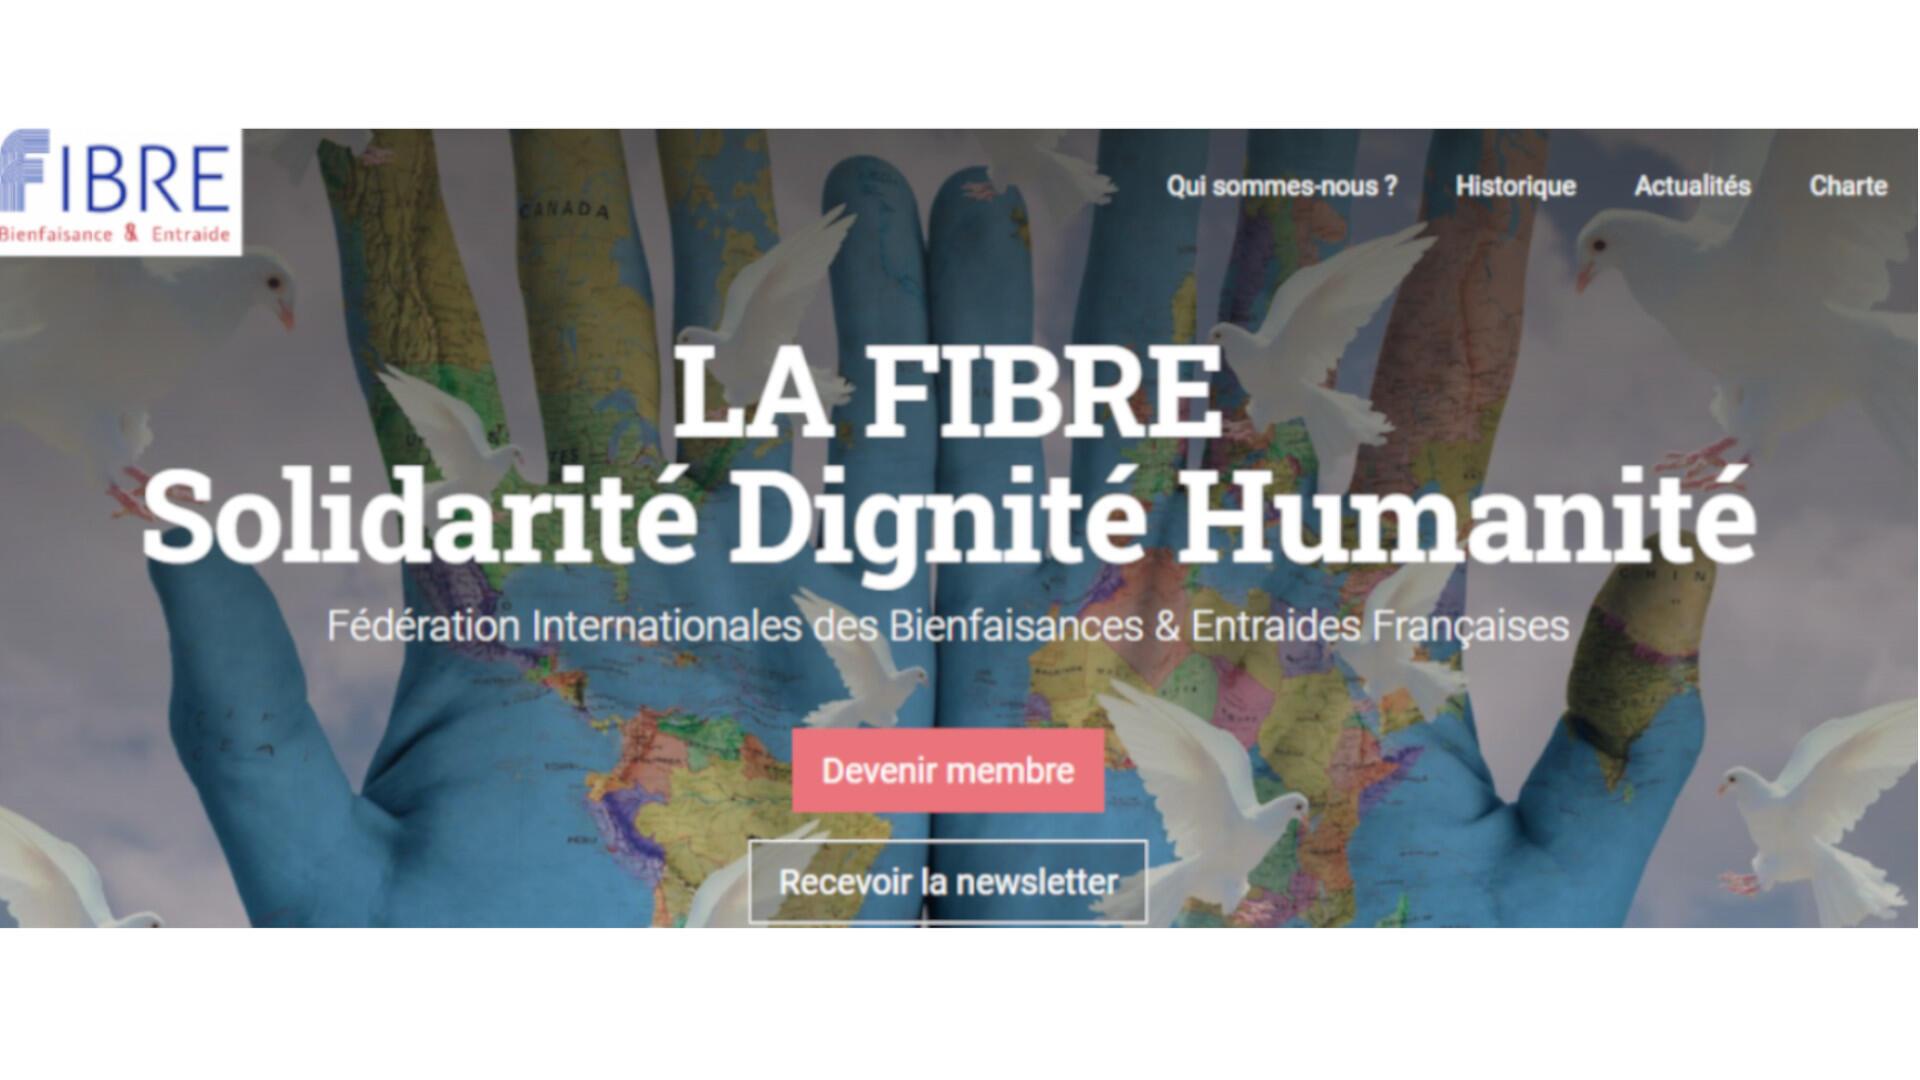 La page d'accueil La Fibre Solidarité Dignité Humanité